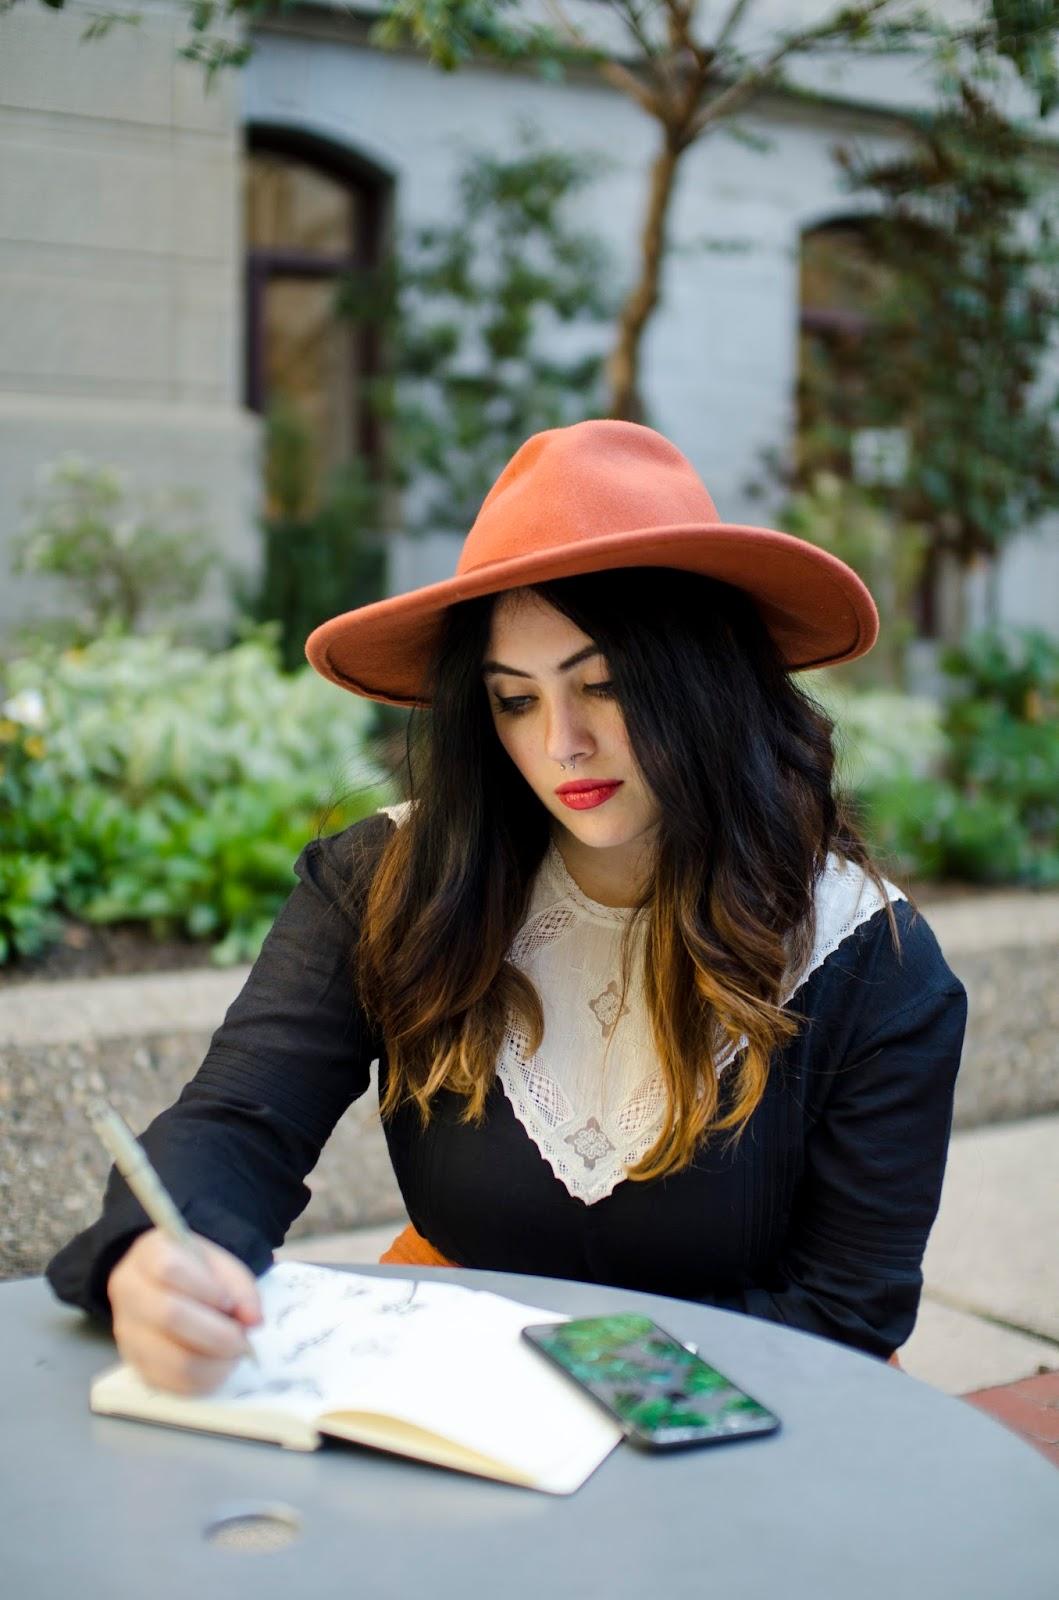 Philadelphia, fashion, blog, E.M., Ricchini, LARK, LACE, style, street